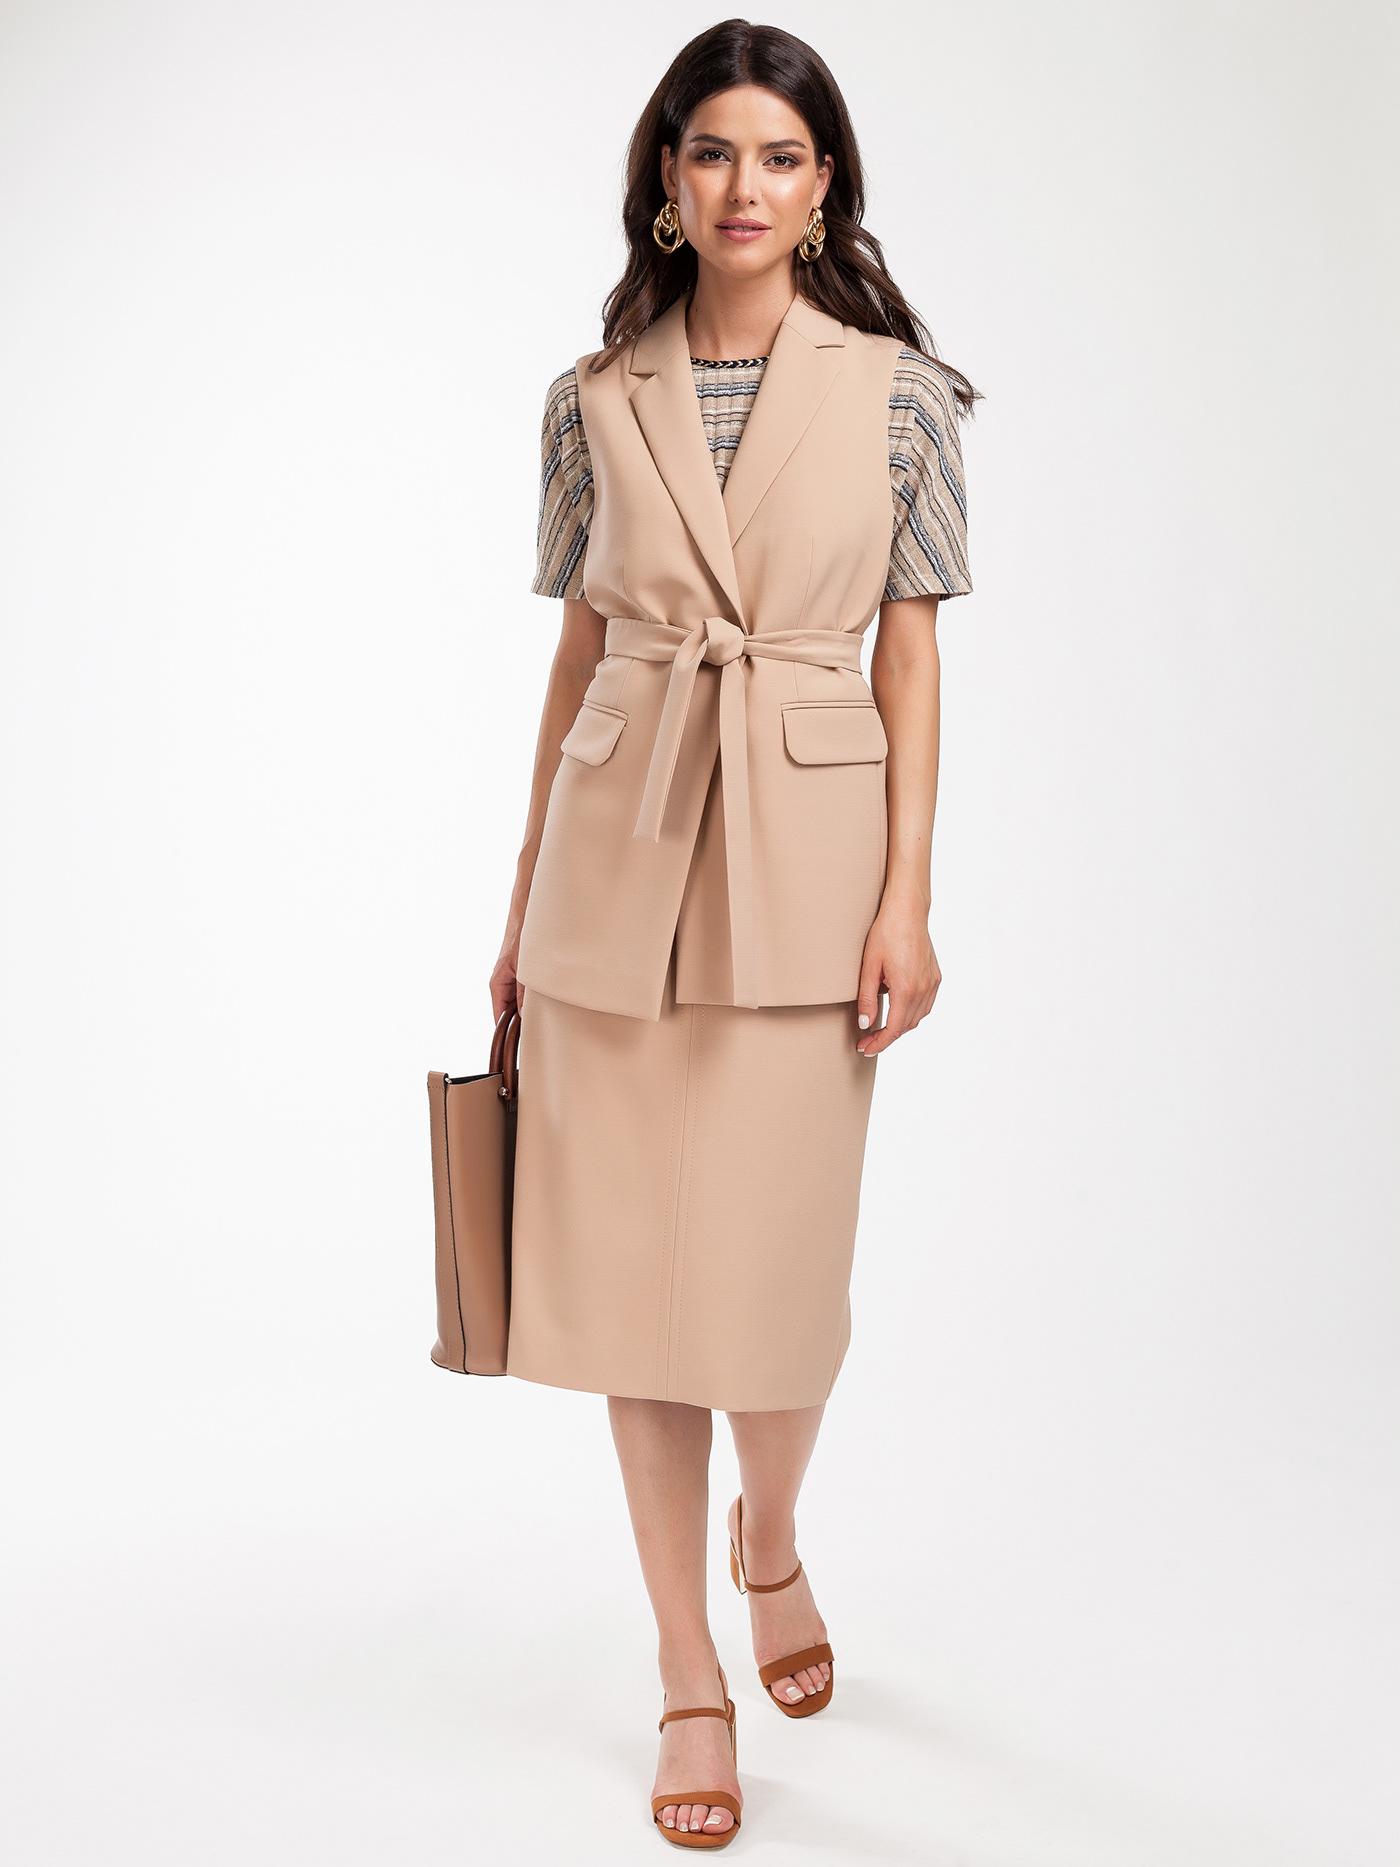 Image may contain: coat, clothing and handbag